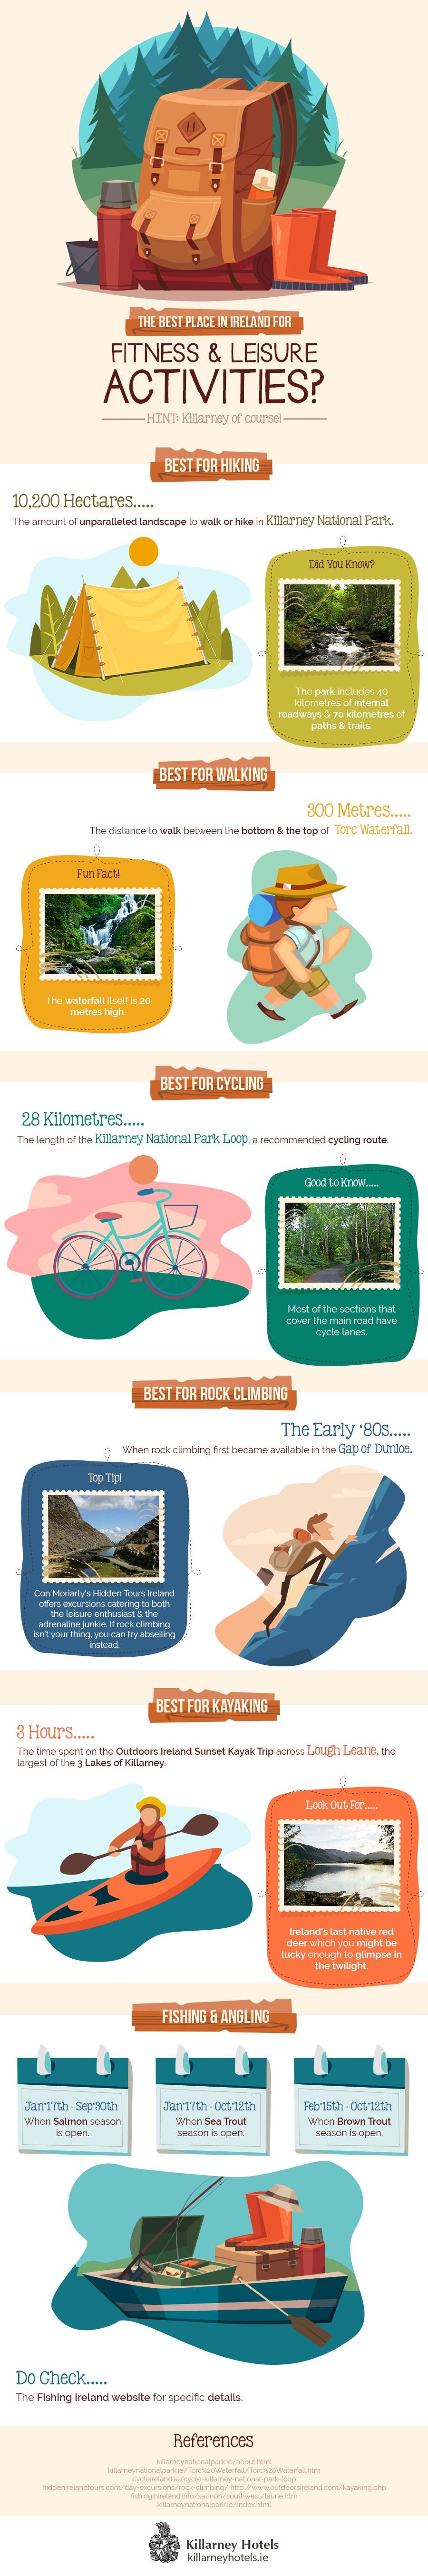 infographic listing outdoor activities in Killarney, Ireland